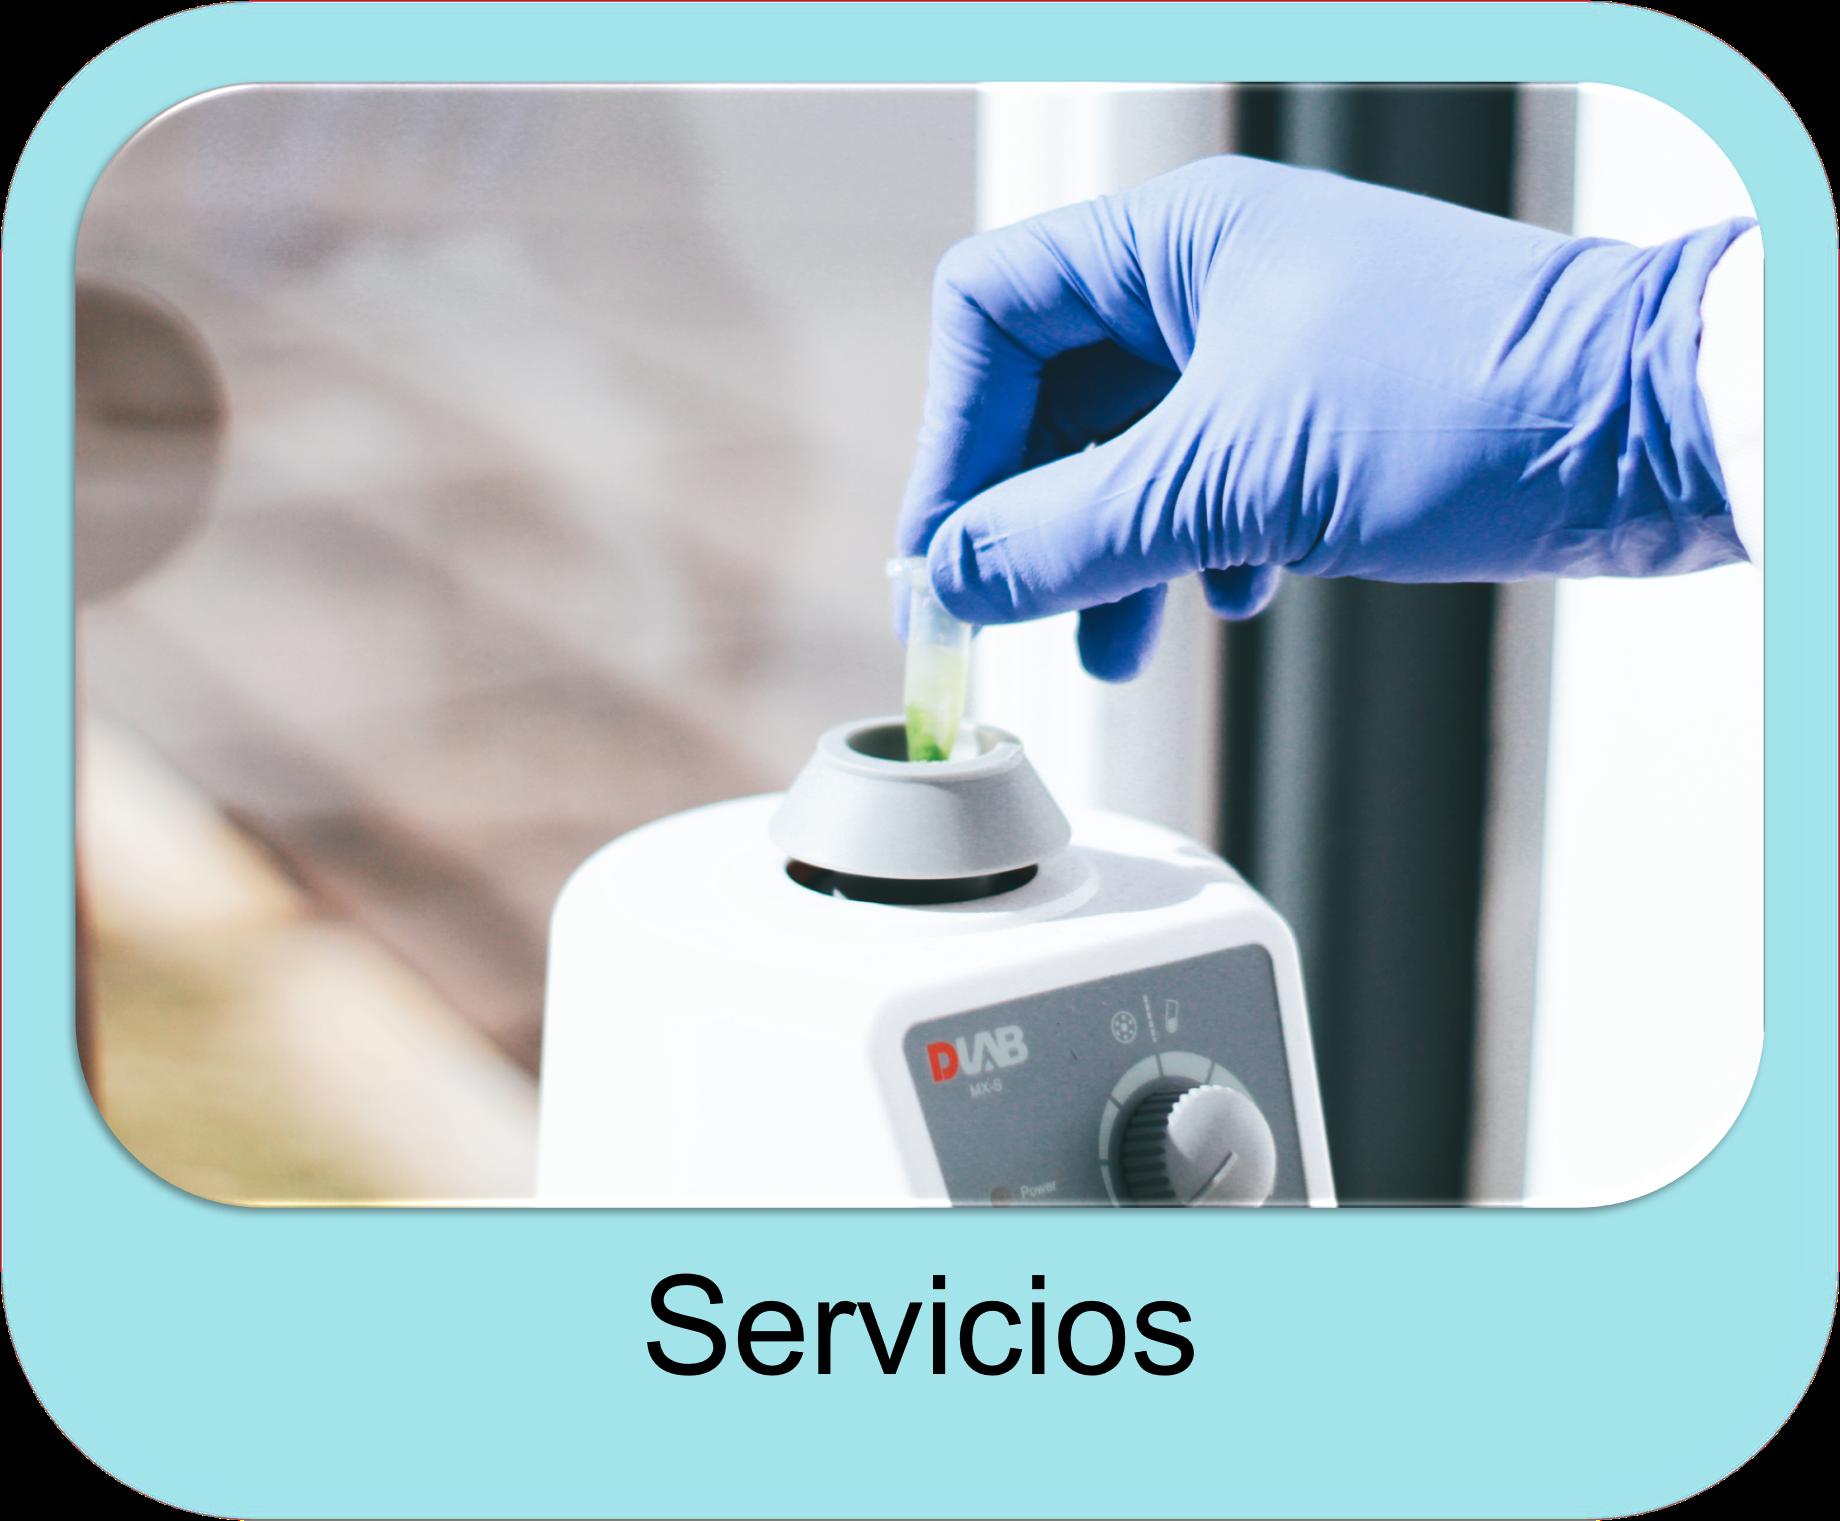 servicios link